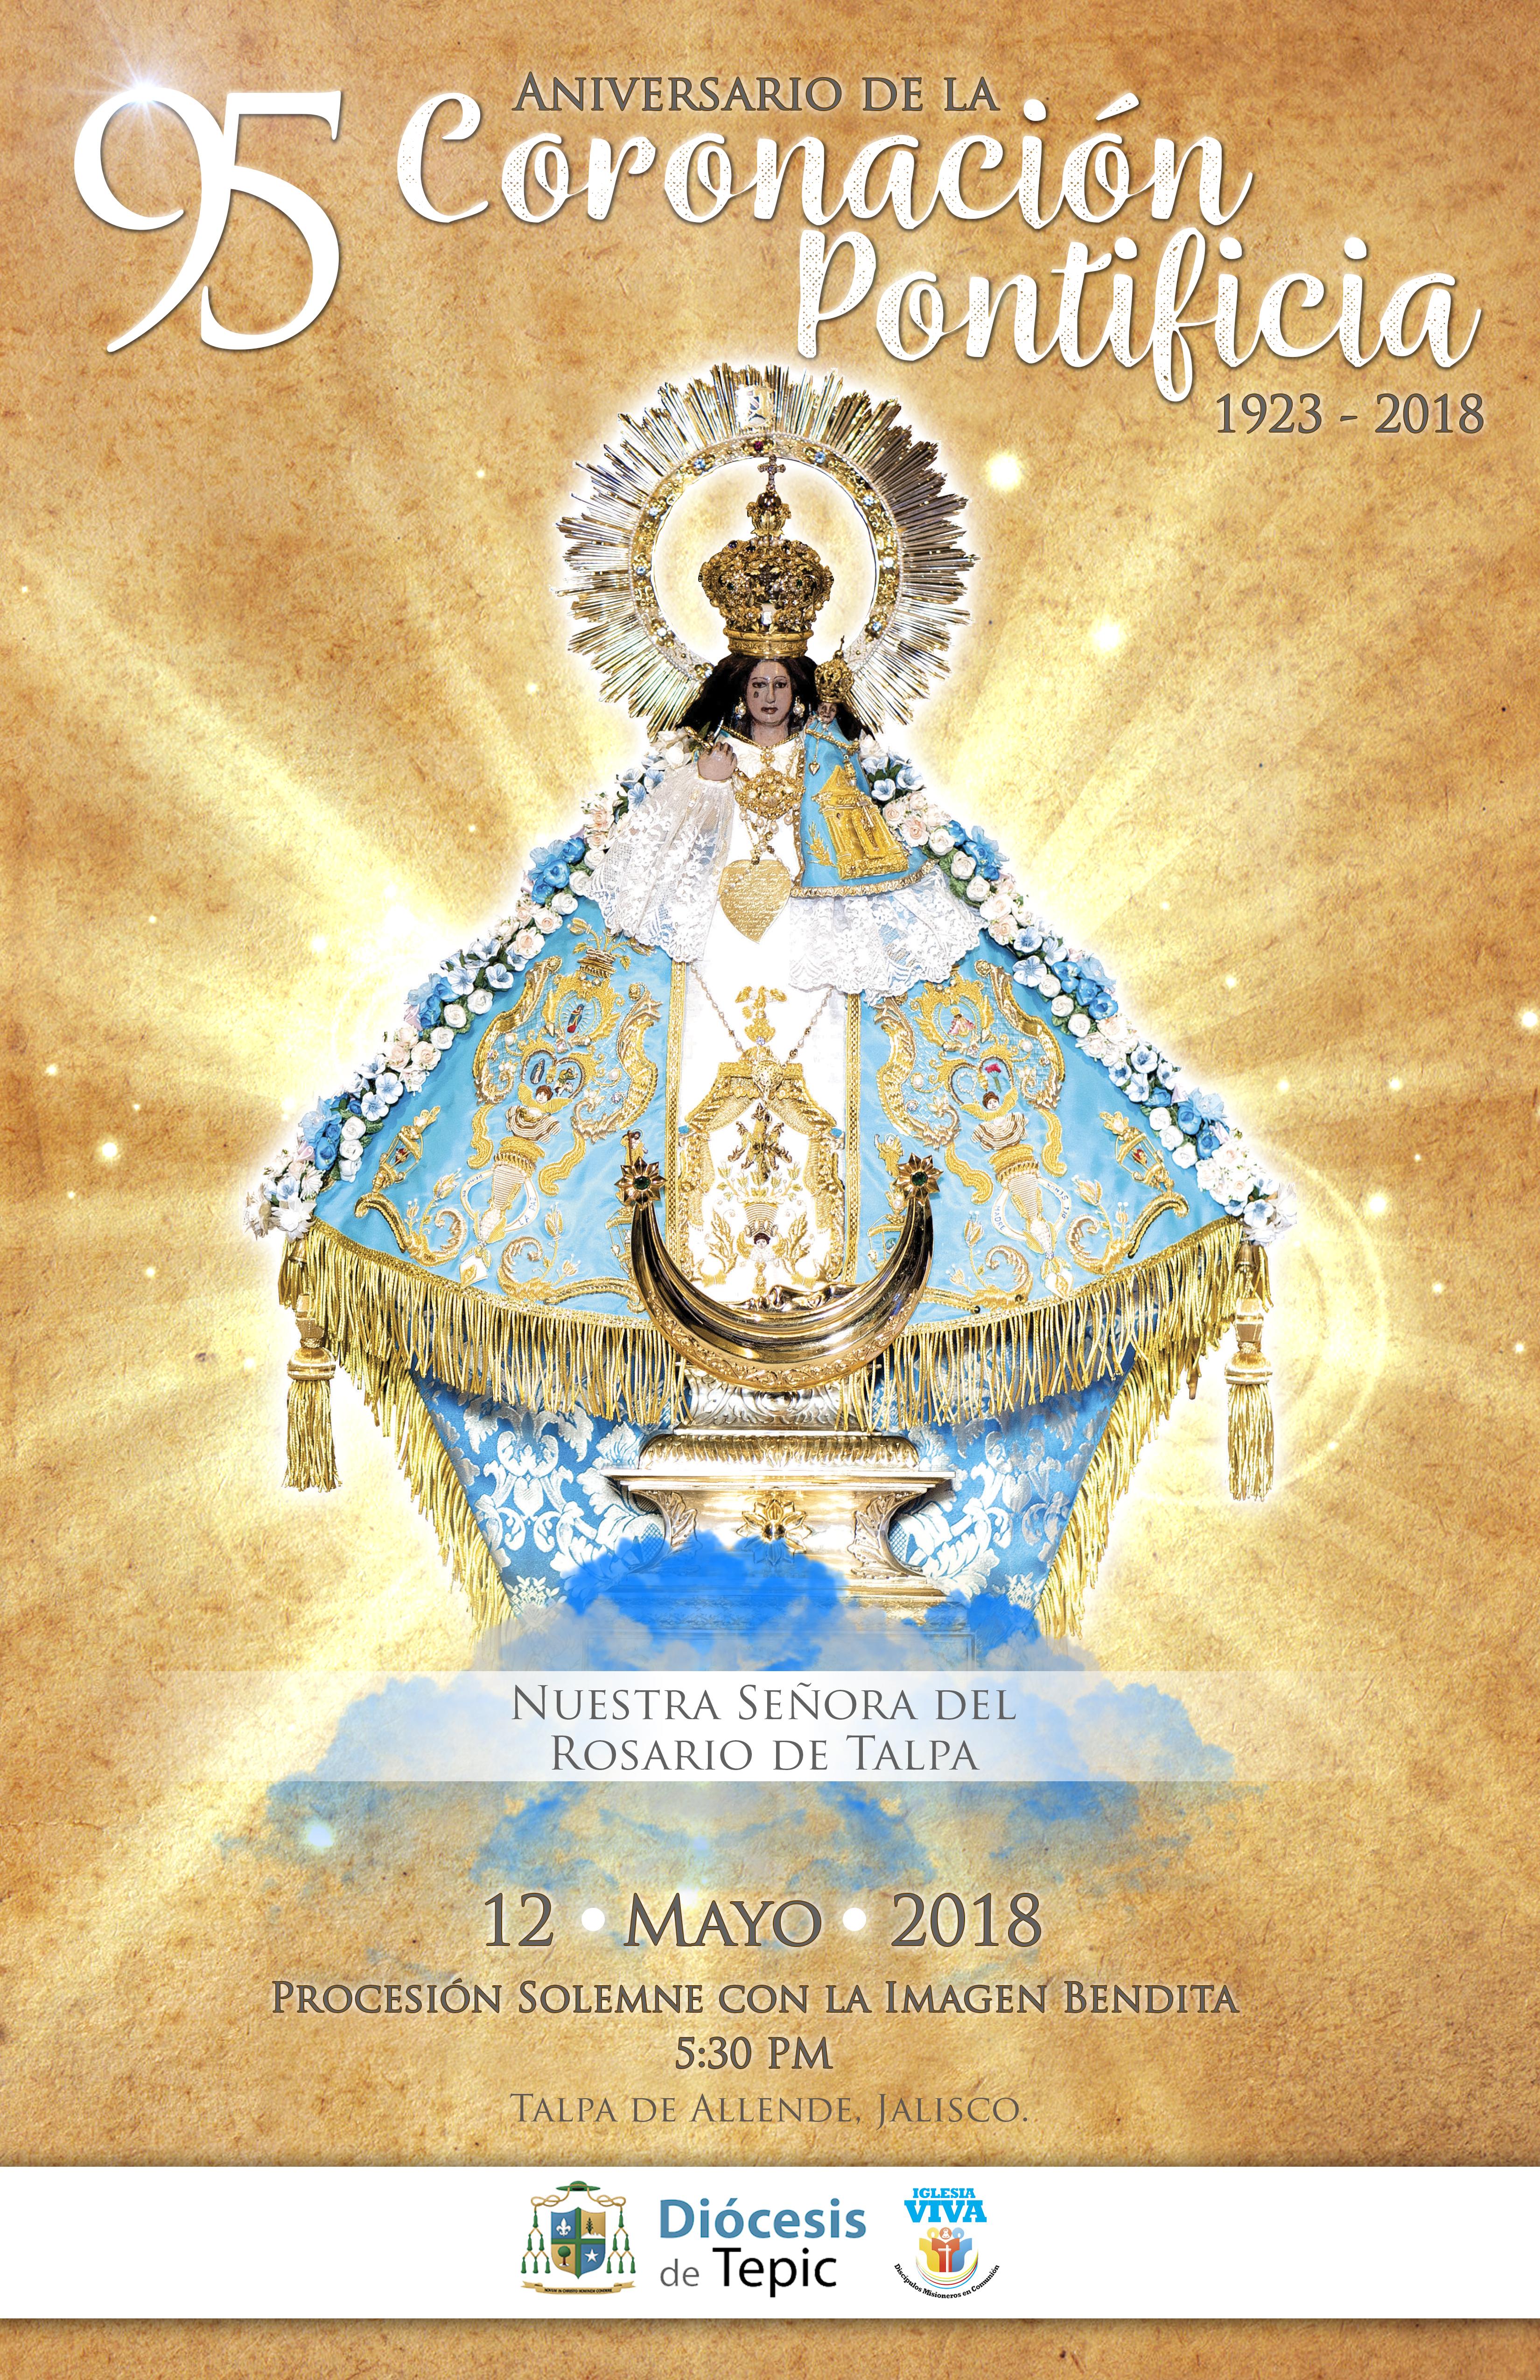 95 Aniversario de la Coronación Pontificia | Ntra. Sra. del Rosario de Talpa